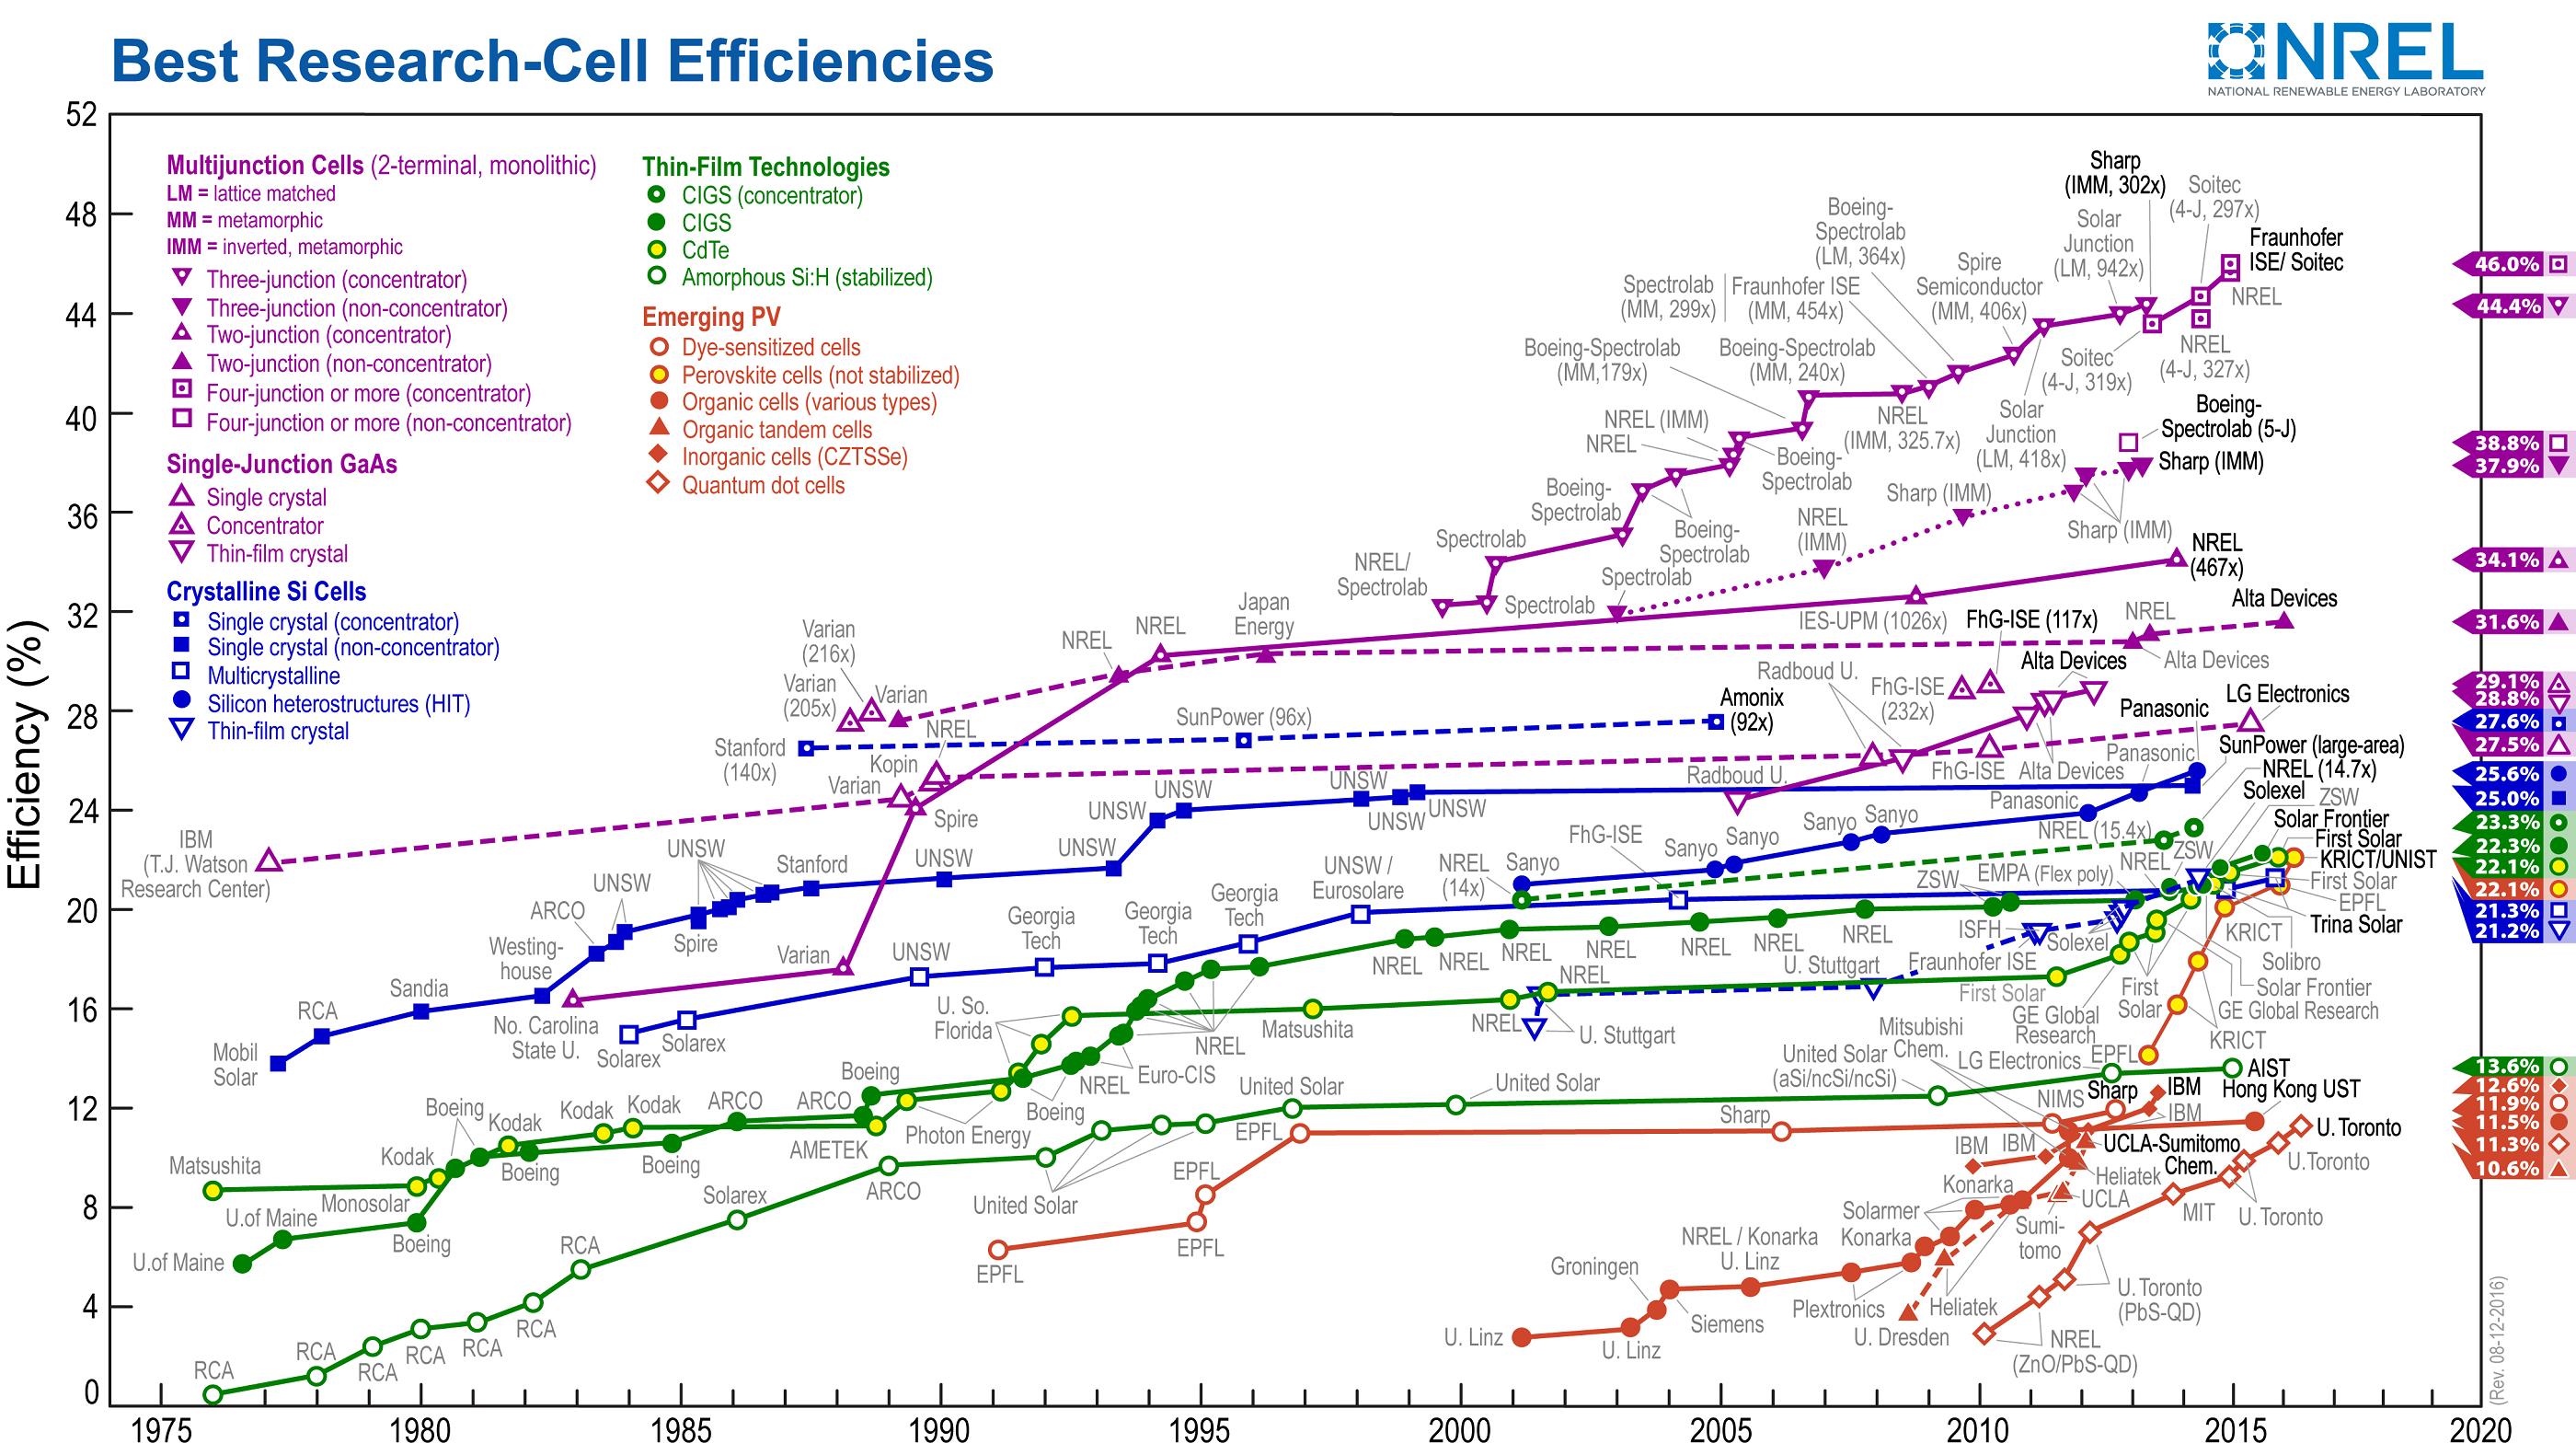 Solarzelle Wirkungsgrad